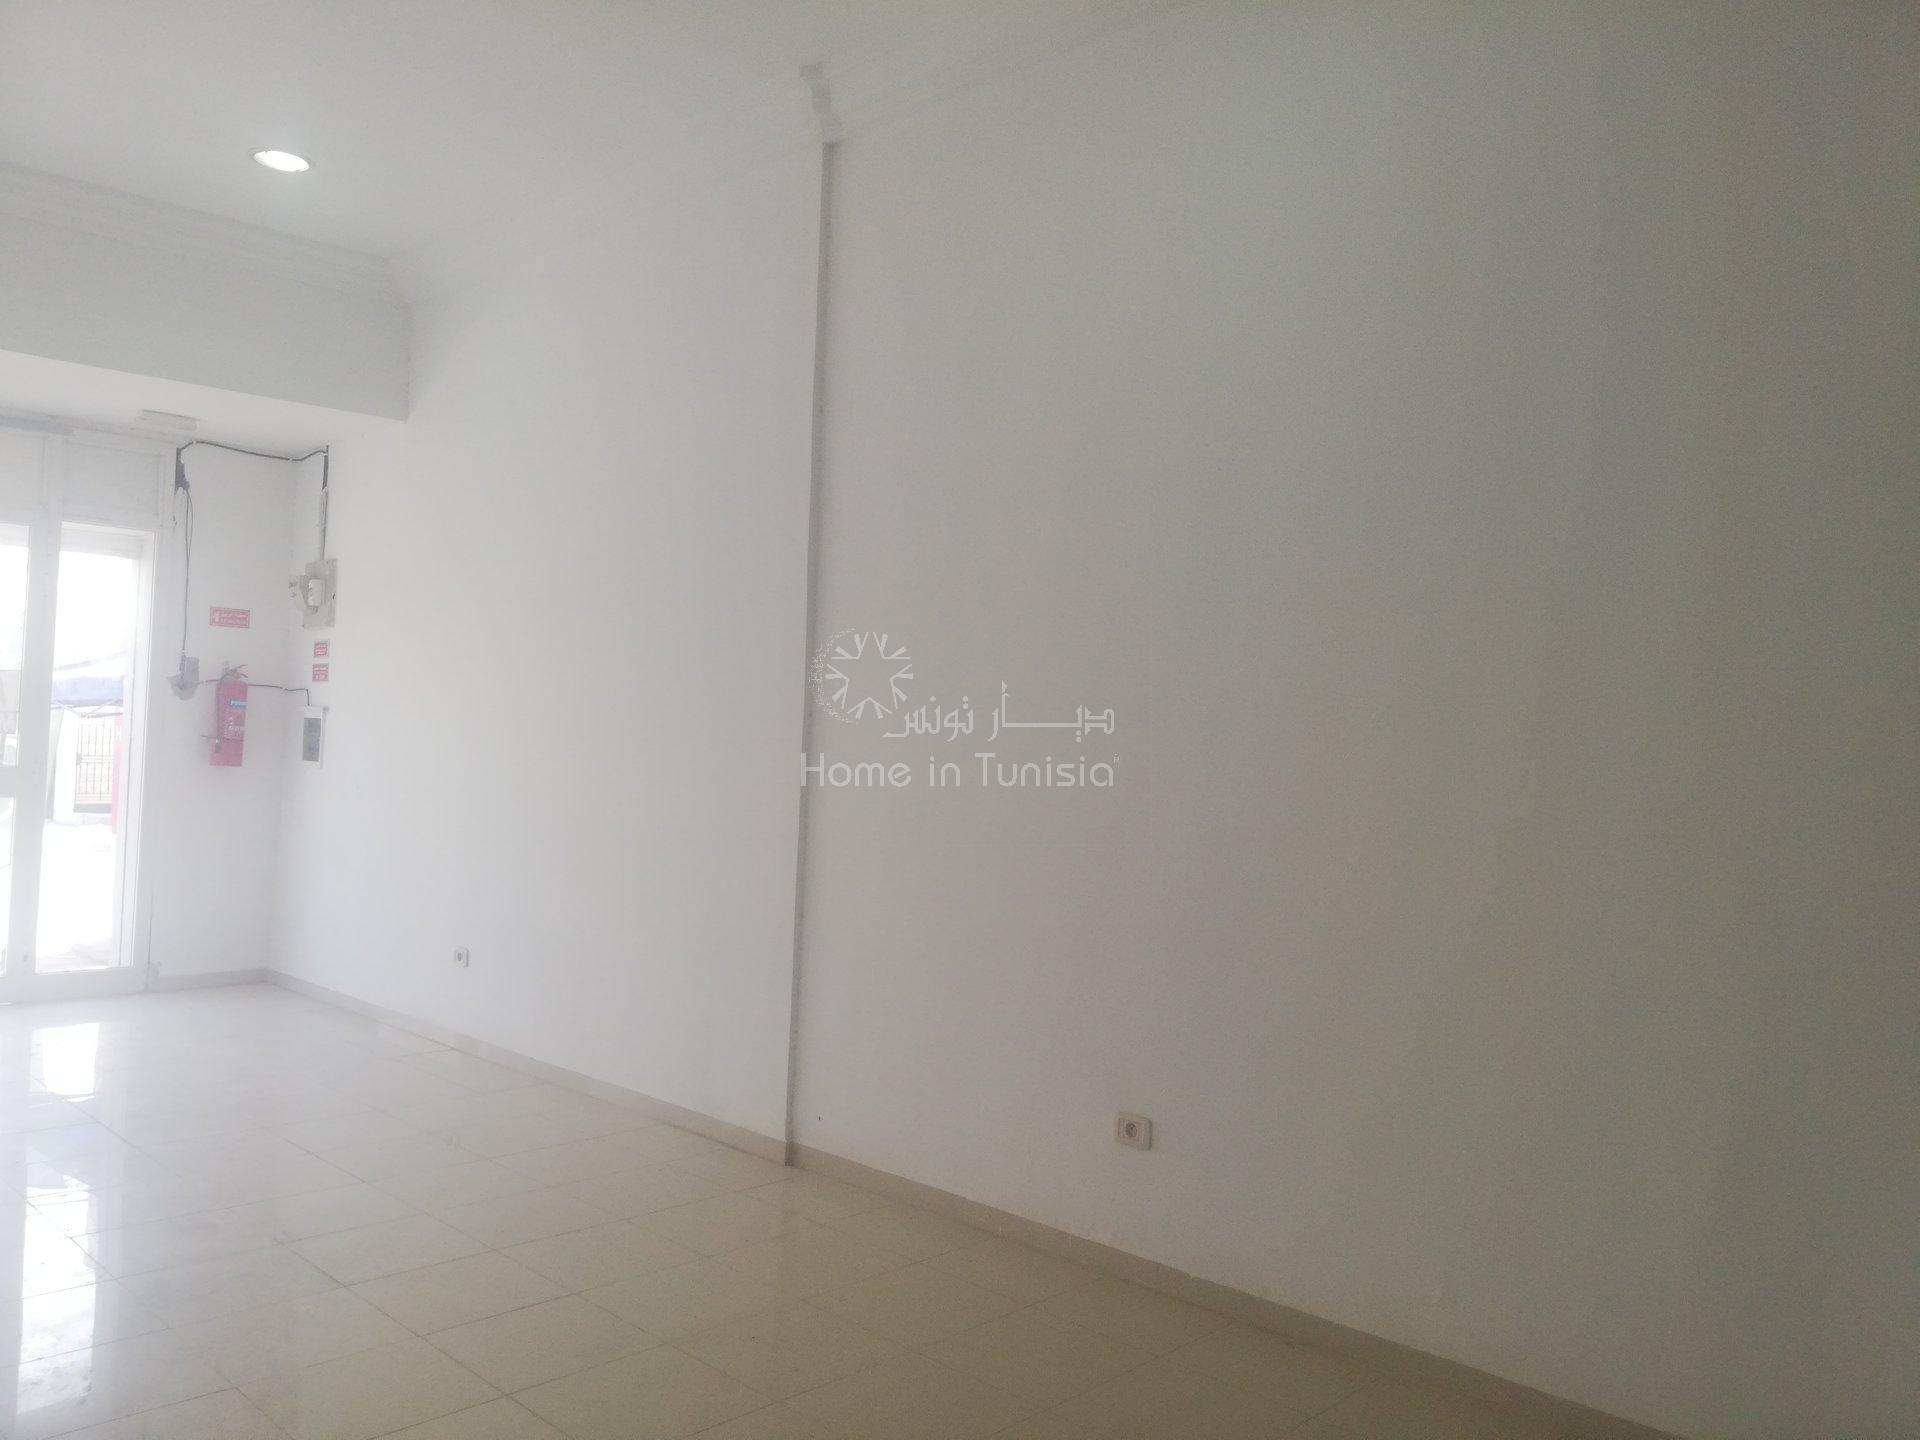 Affitto Locale commerciale - Akouda - Tunisia